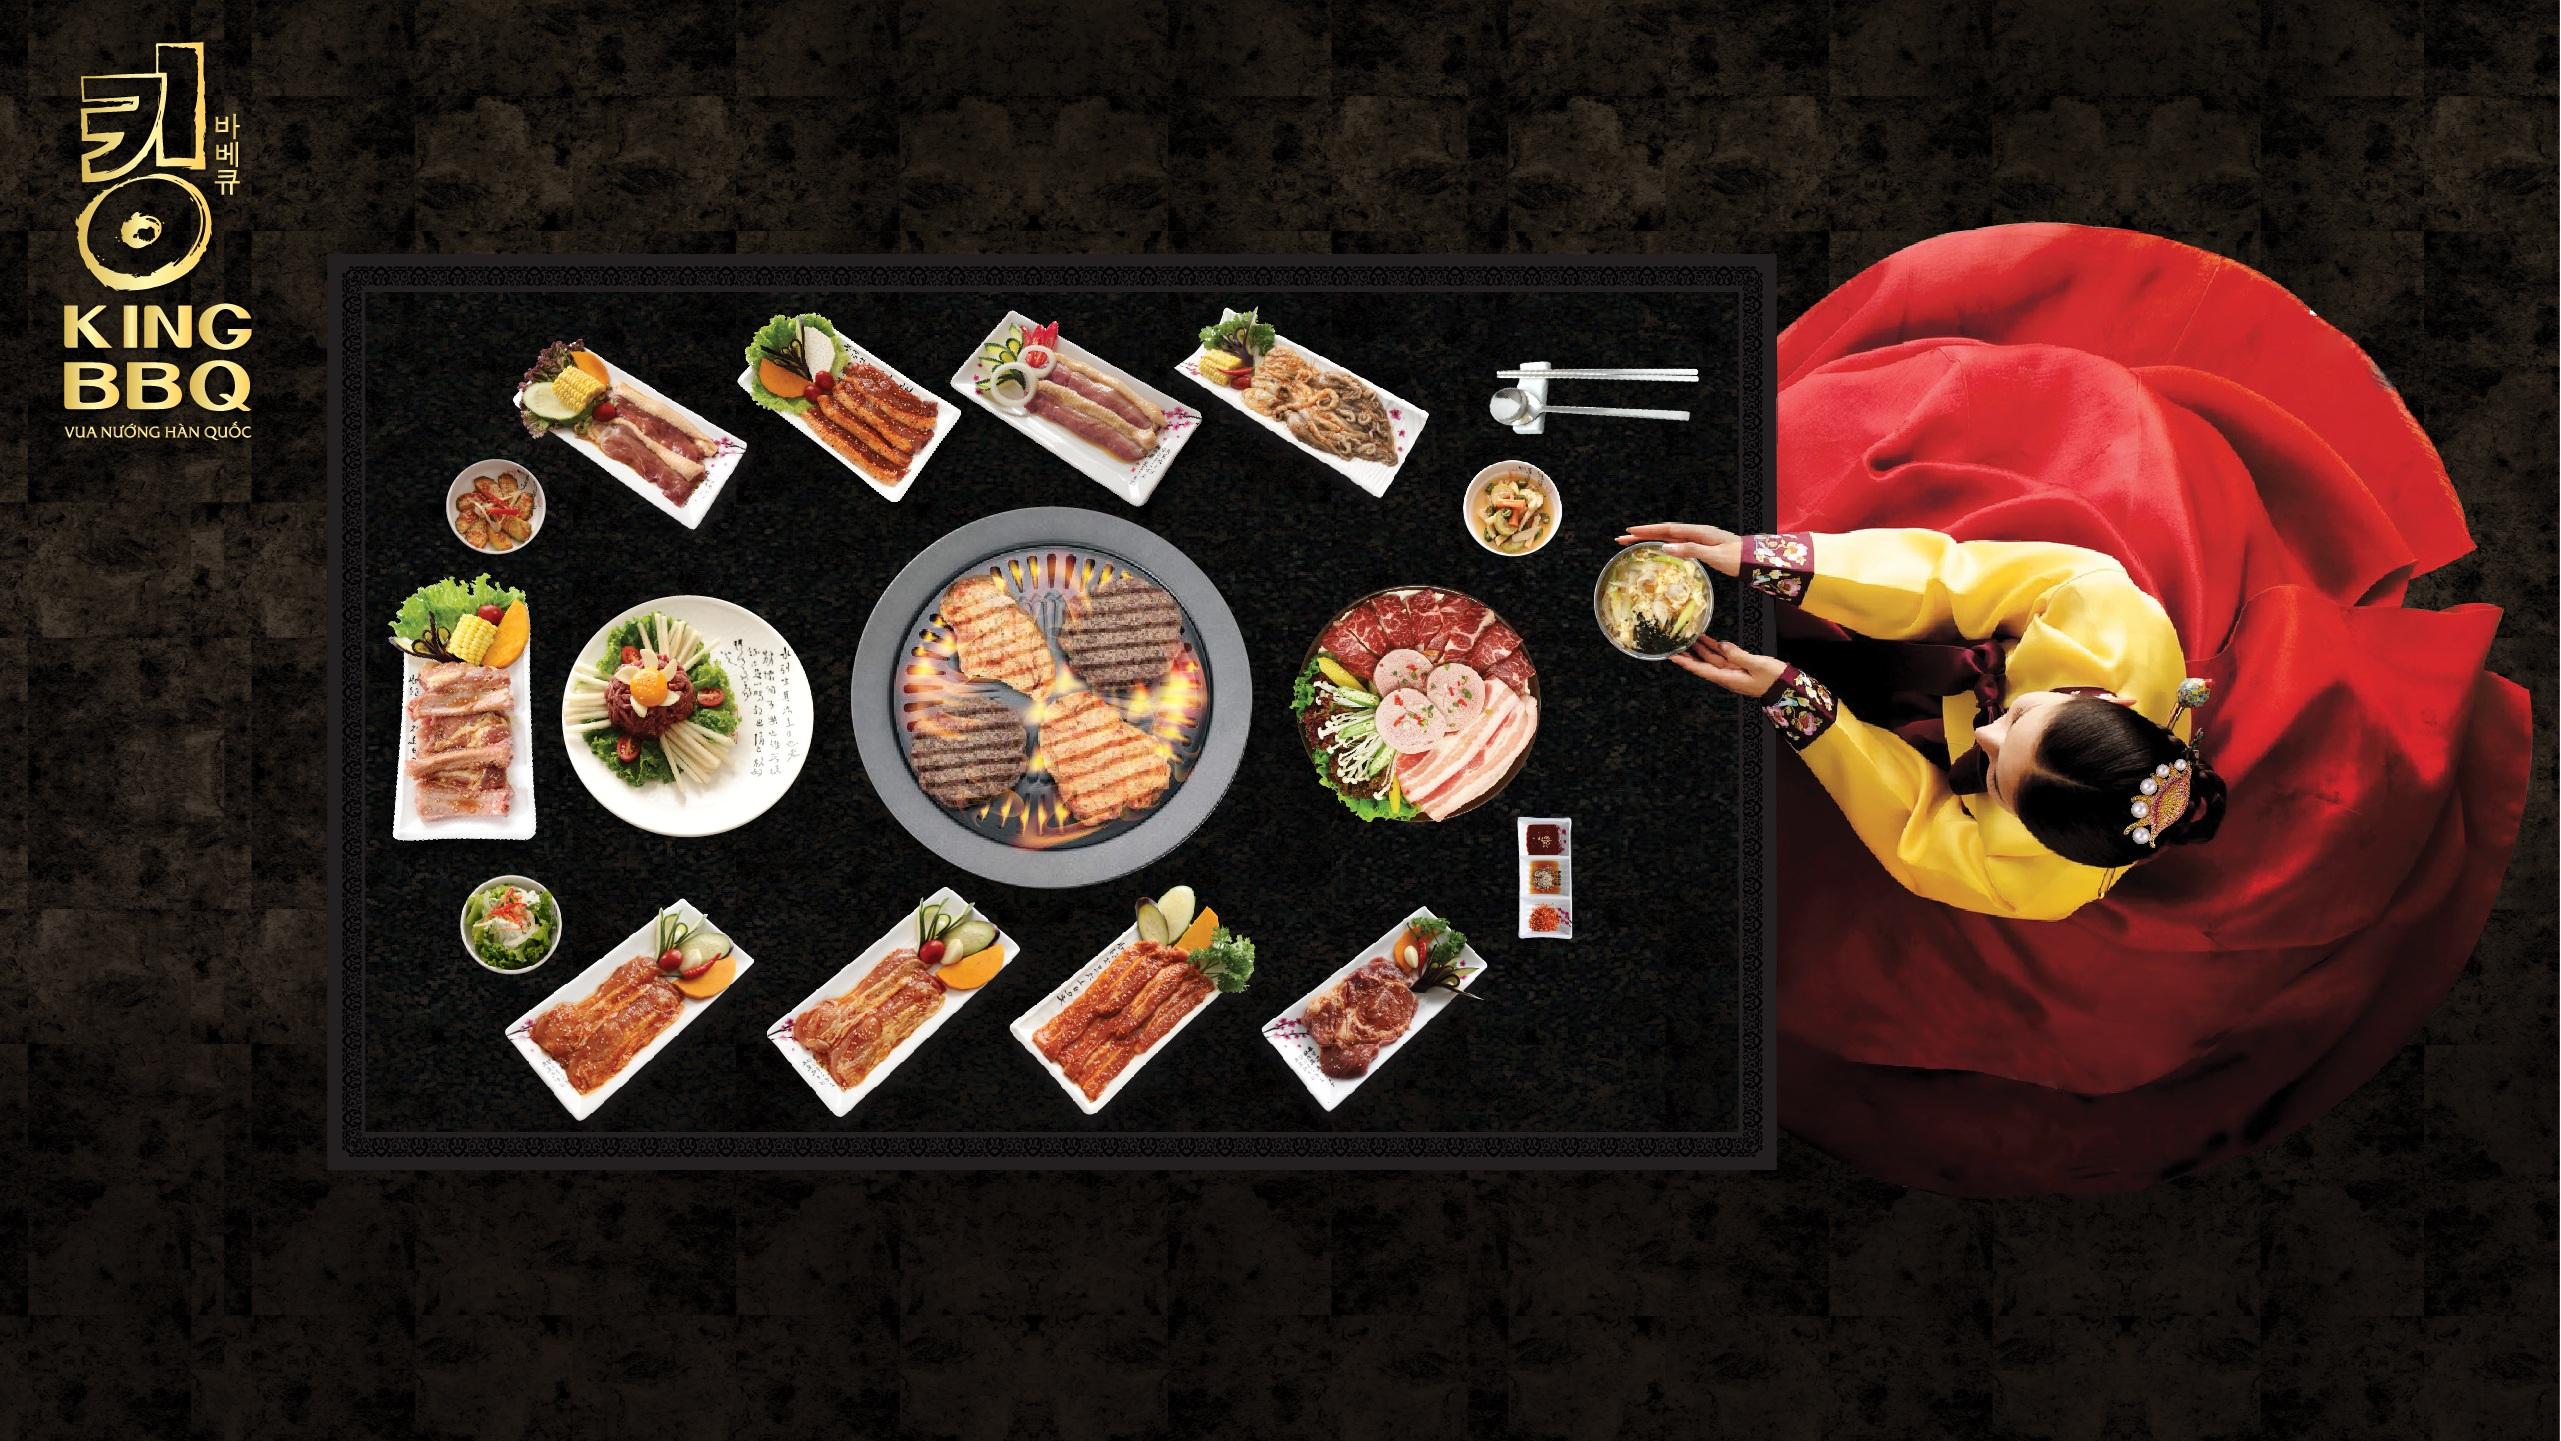 Những món ăn tinh tế, chuẩn vị Hàn Quốc tại King BBQ